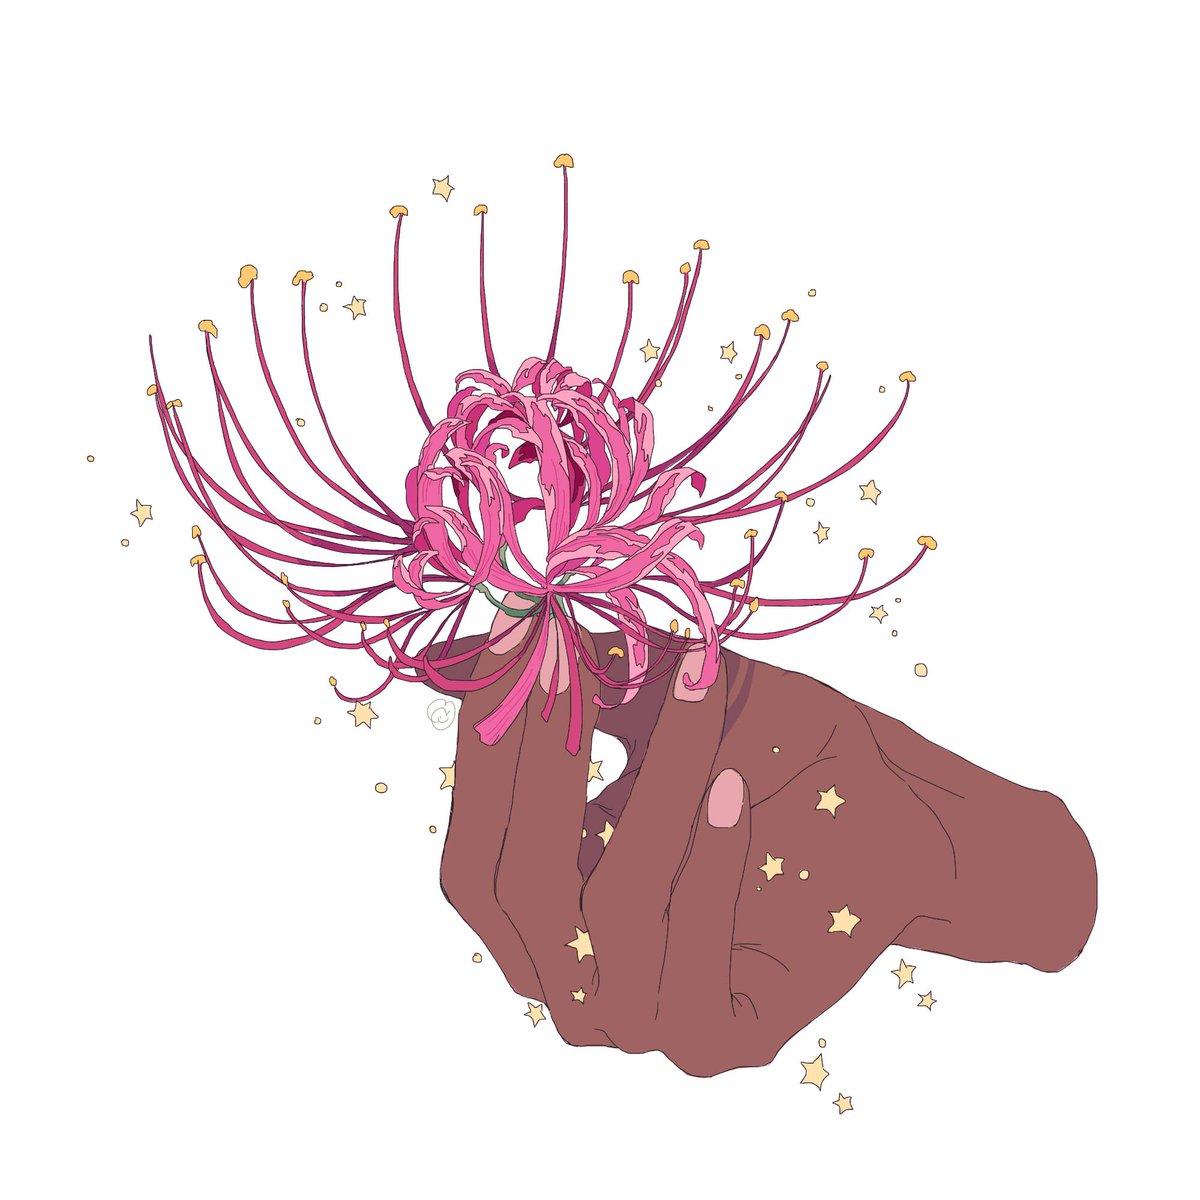 Ảnh hoa bỉ ngạn vẽ đẹp nhất